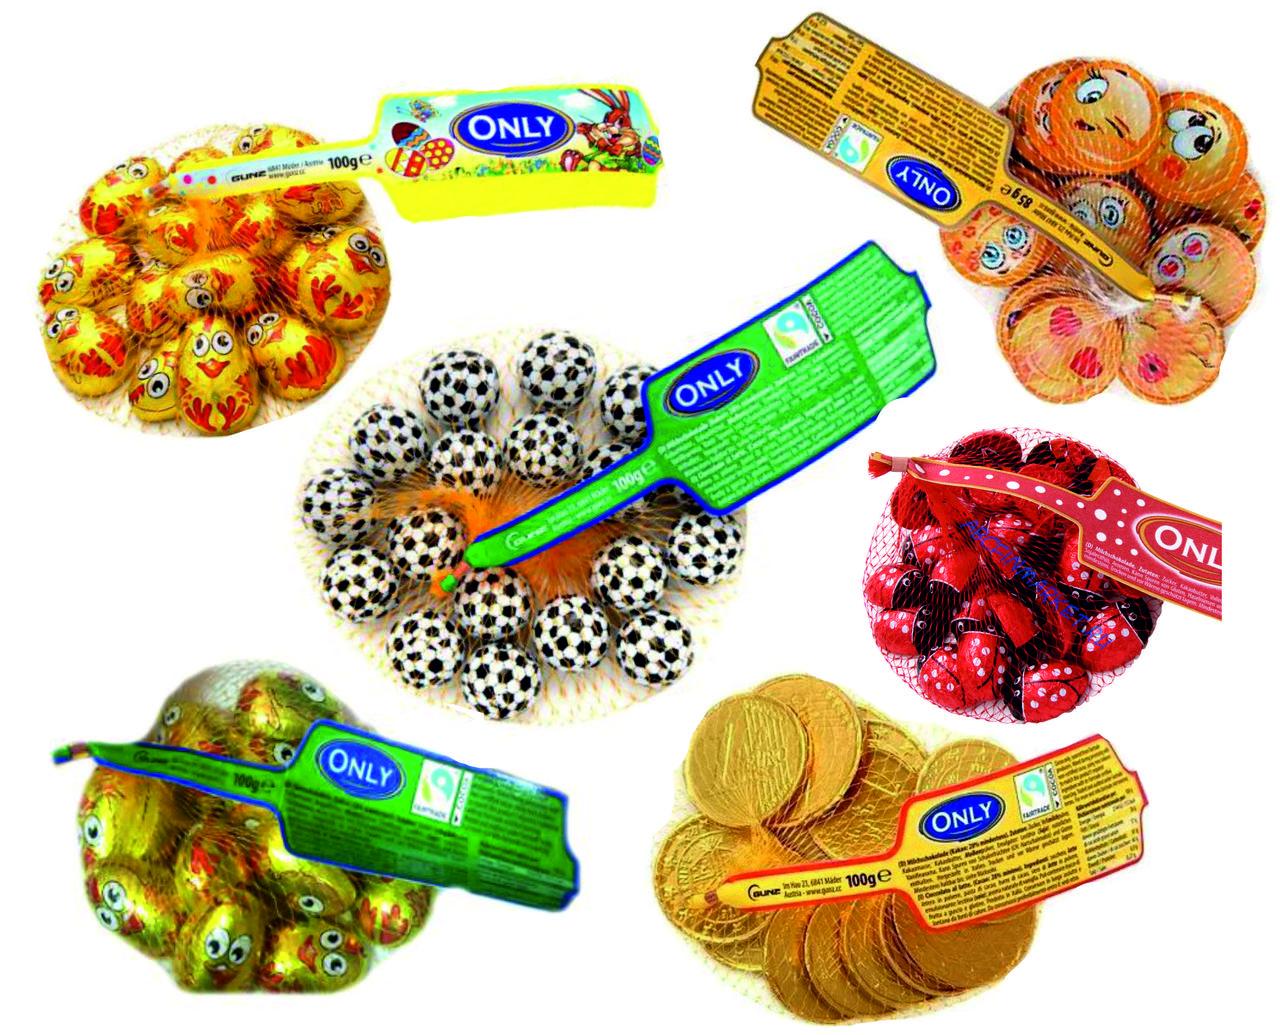 Фигурные шоколадные конфеты Only в ассортименте в сетке 100 гр.